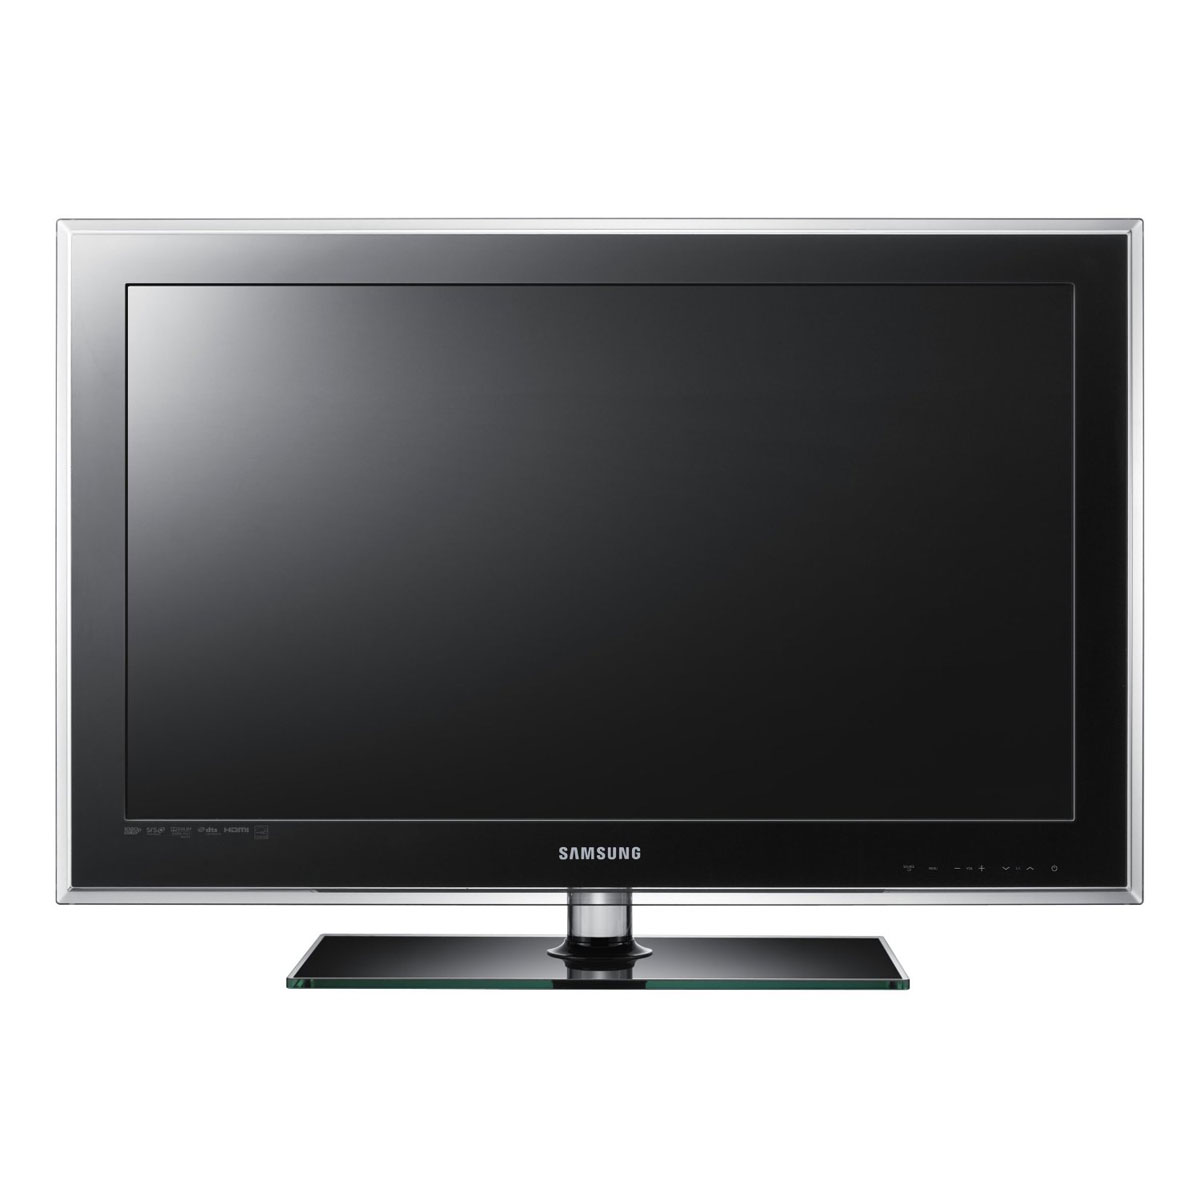 samsung le40d550 tv samsung sur. Black Bedroom Furniture Sets. Home Design Ideas